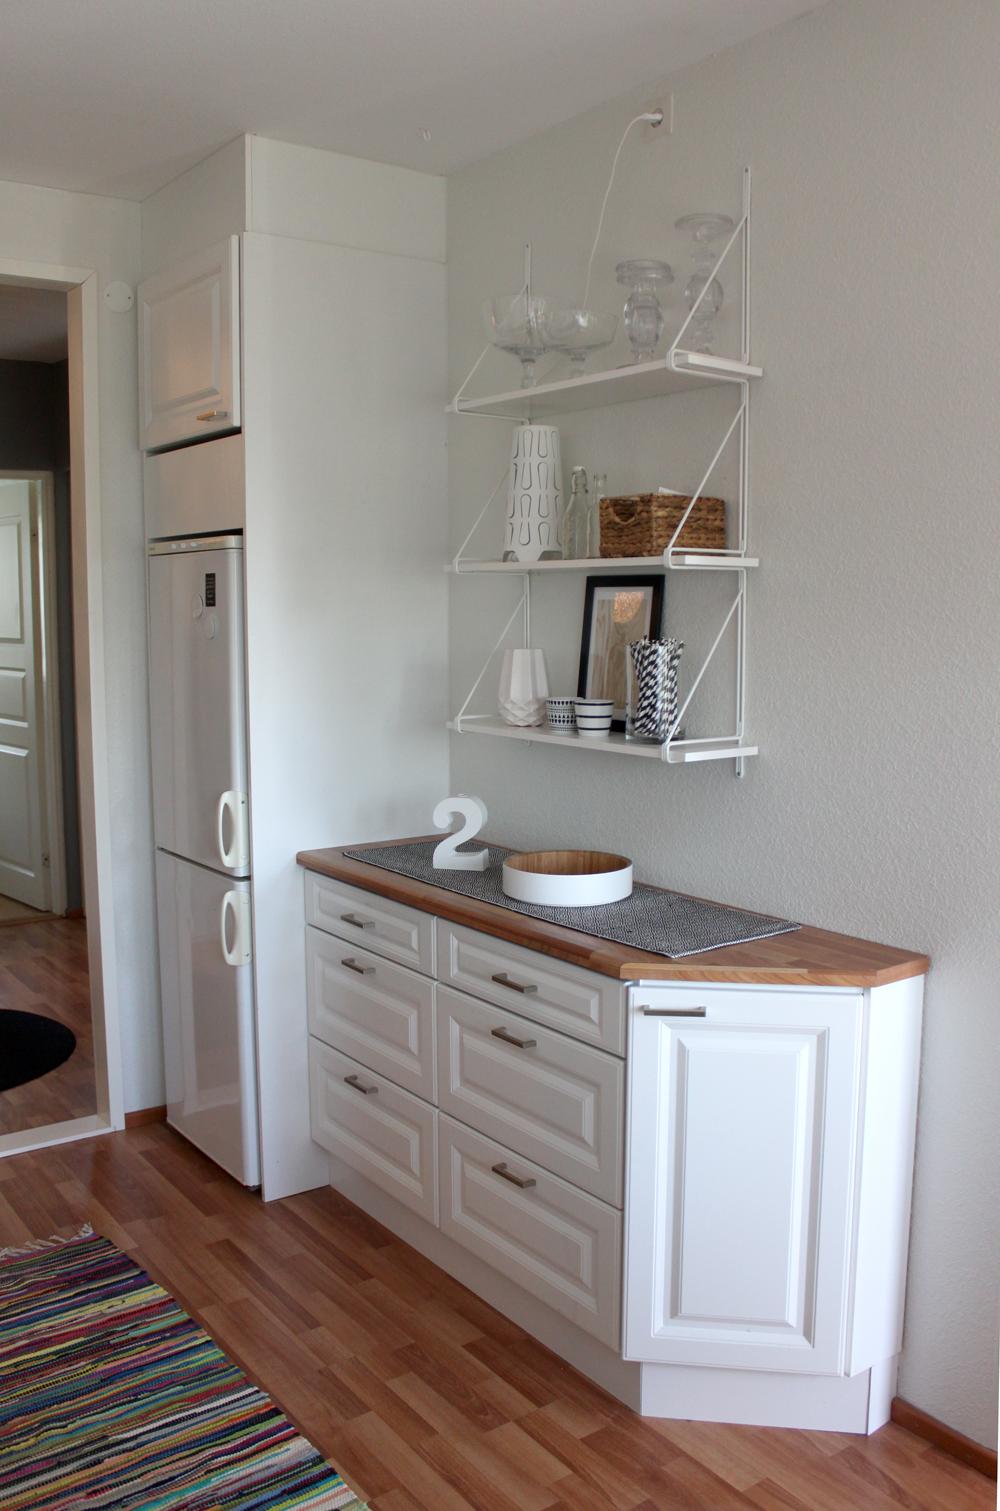 Magdan kotona Mun keittiö